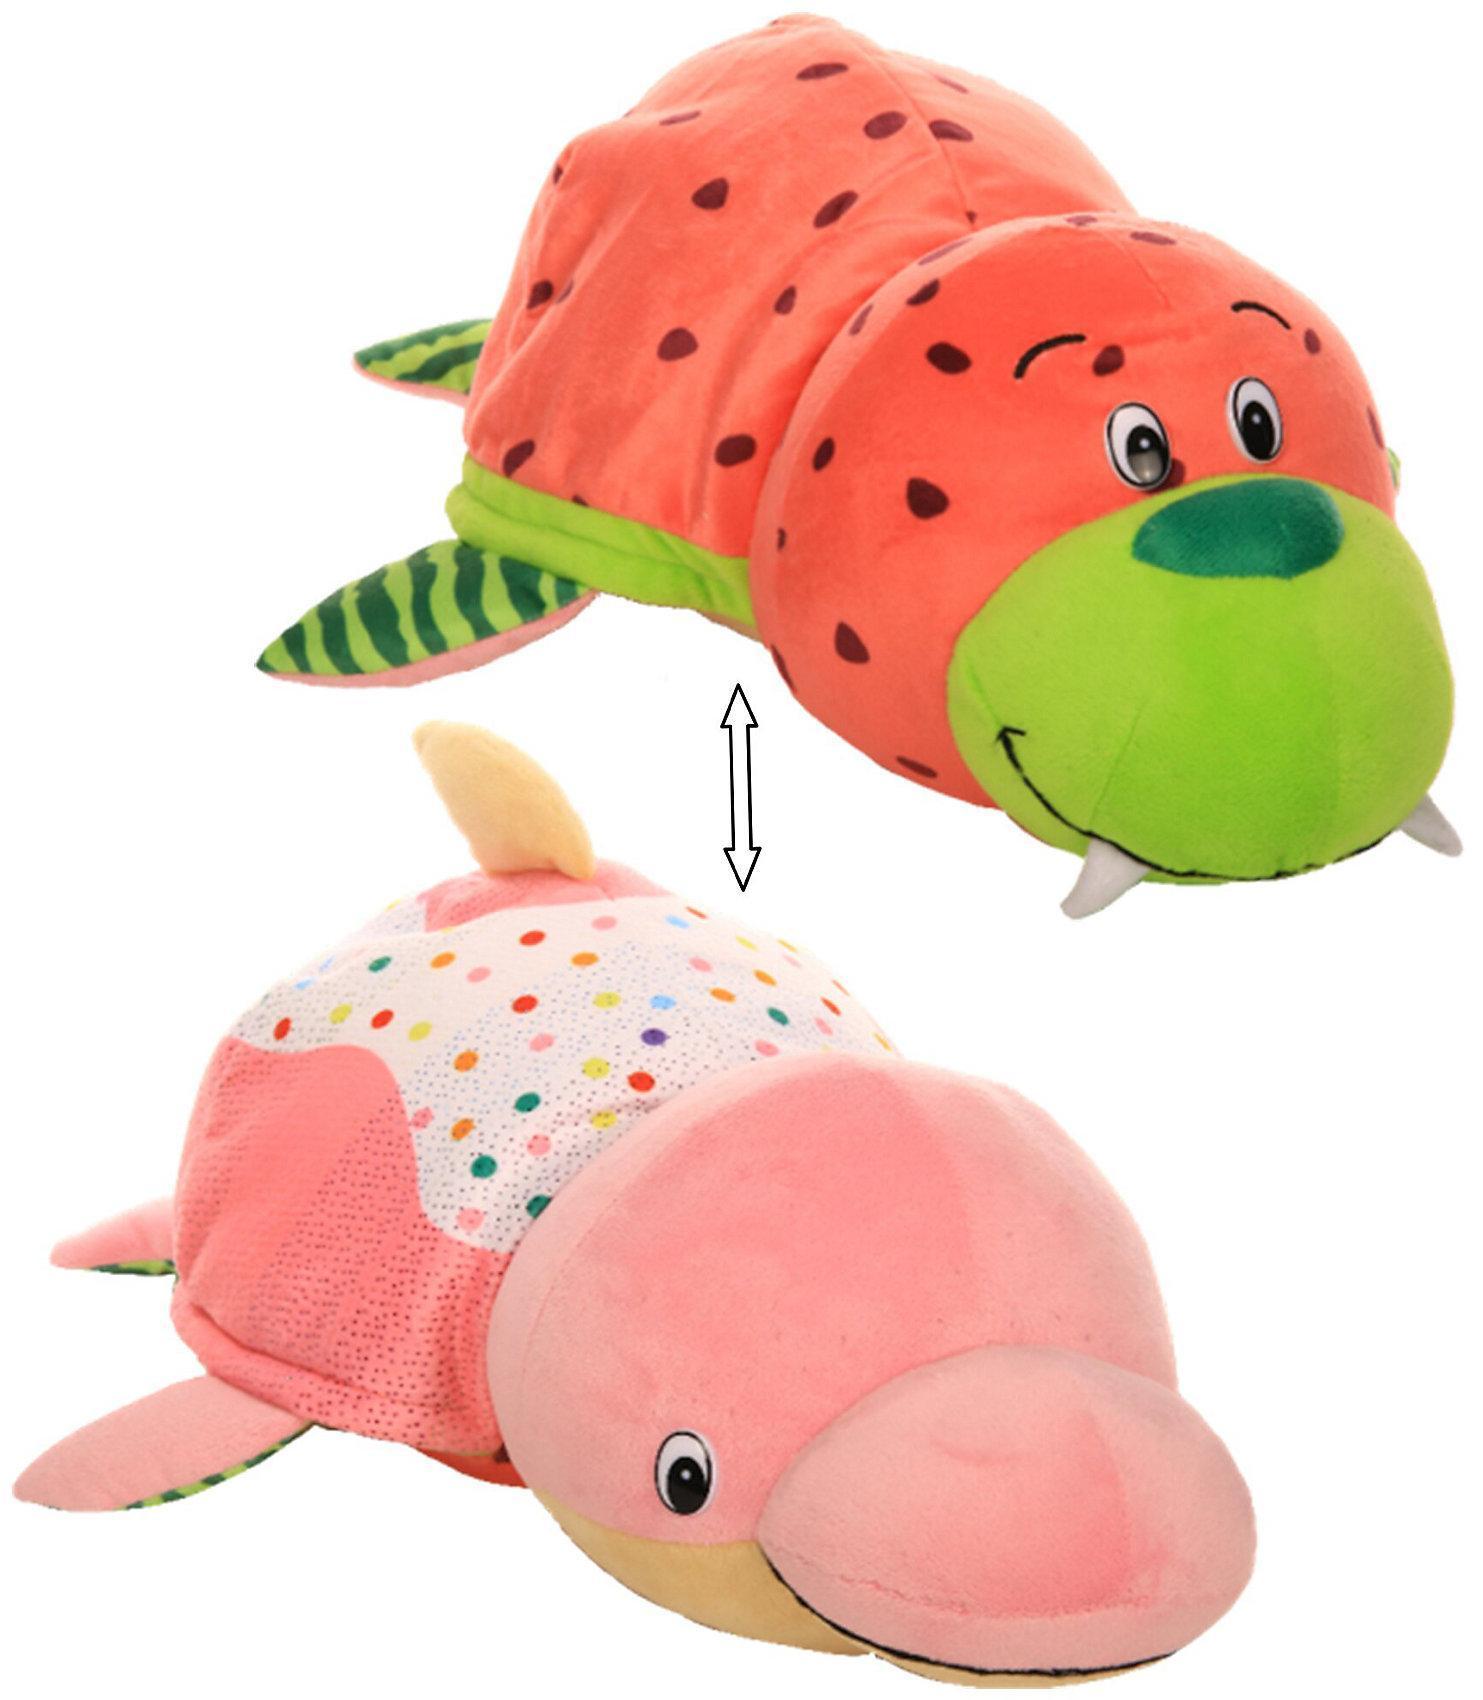 Купить 1Toy Морж-дельфин с ароматом - Ням-Ням | 35 см - мягкая игрушка вывернушка, Вывернушки 1Toy, Китай